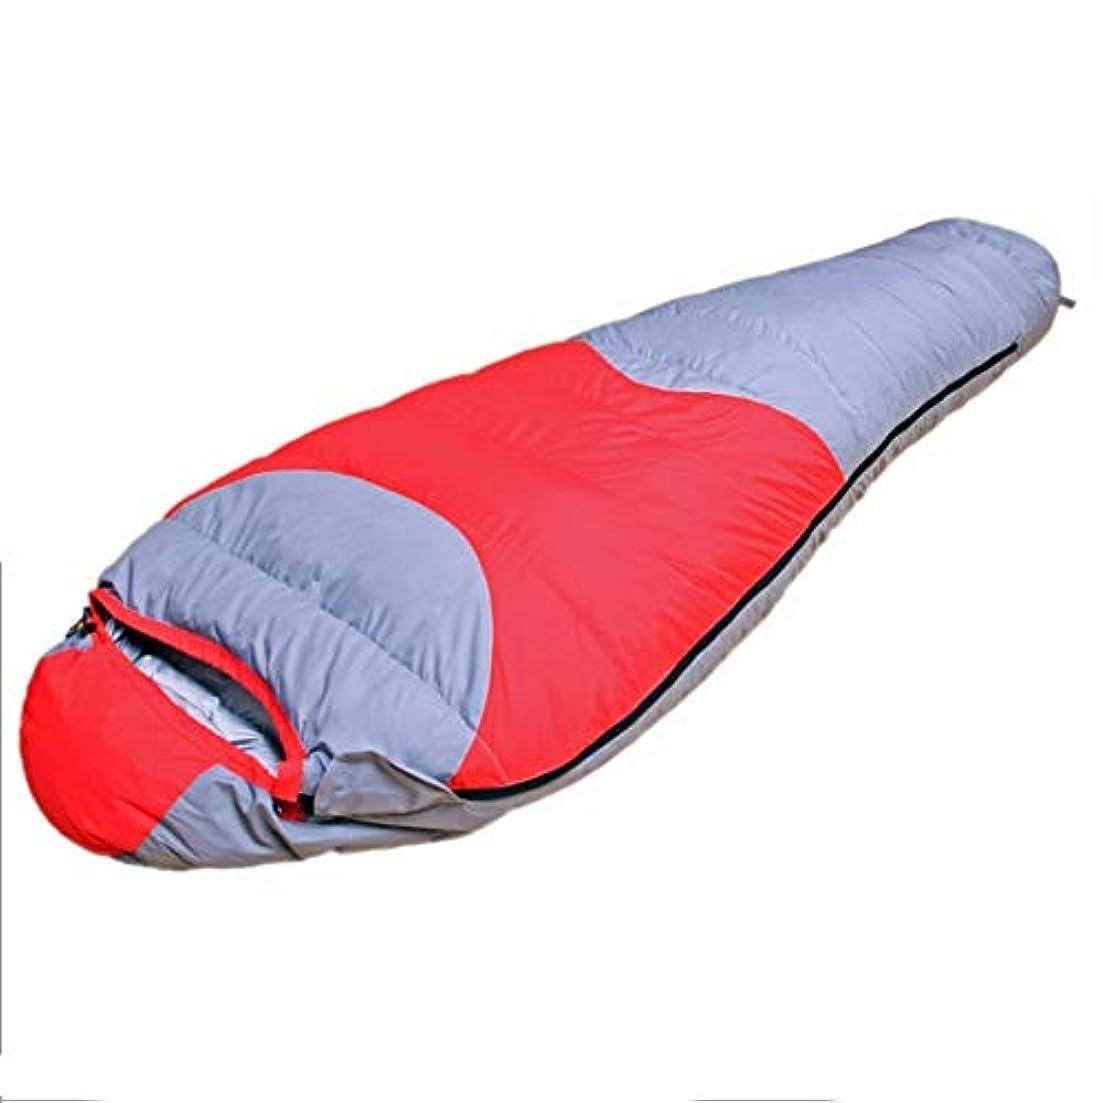 カイウス常習的犯す大人の寝袋キャンプ用品寝袋ホワイトダックダウンミイラスーパーファインナイロン防水